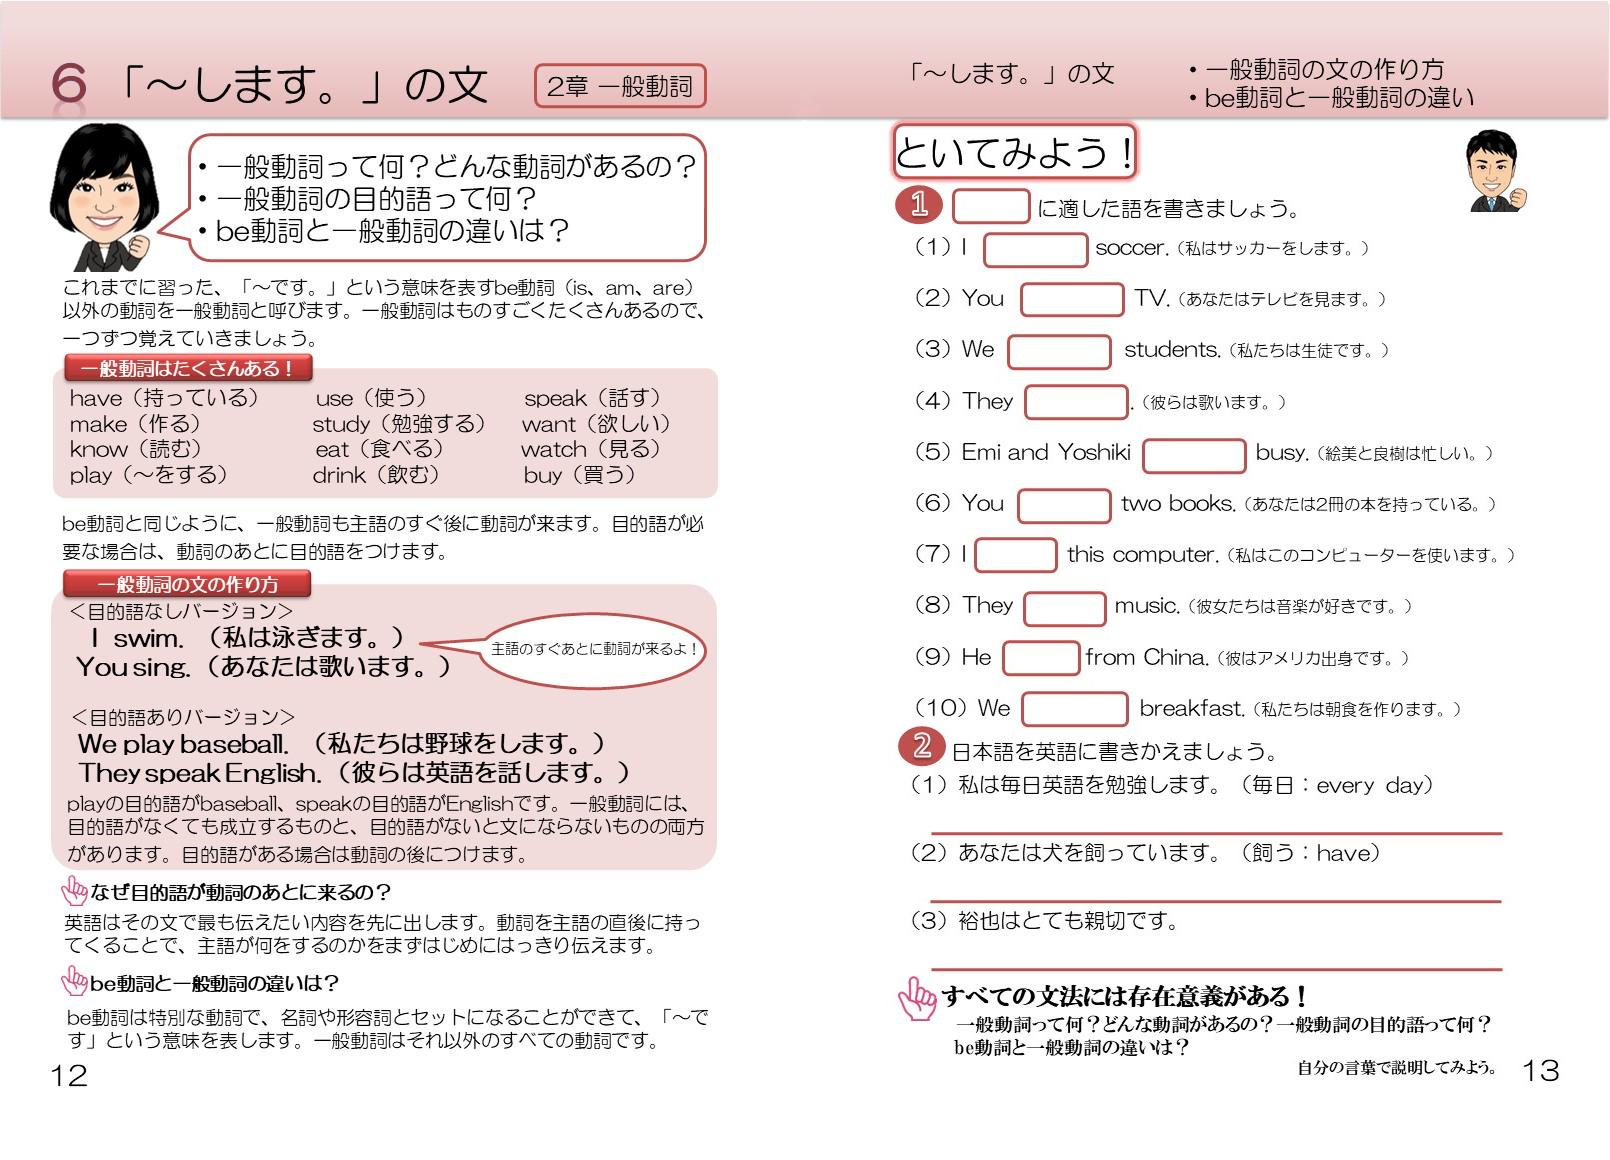 教材画像資料 ページ2